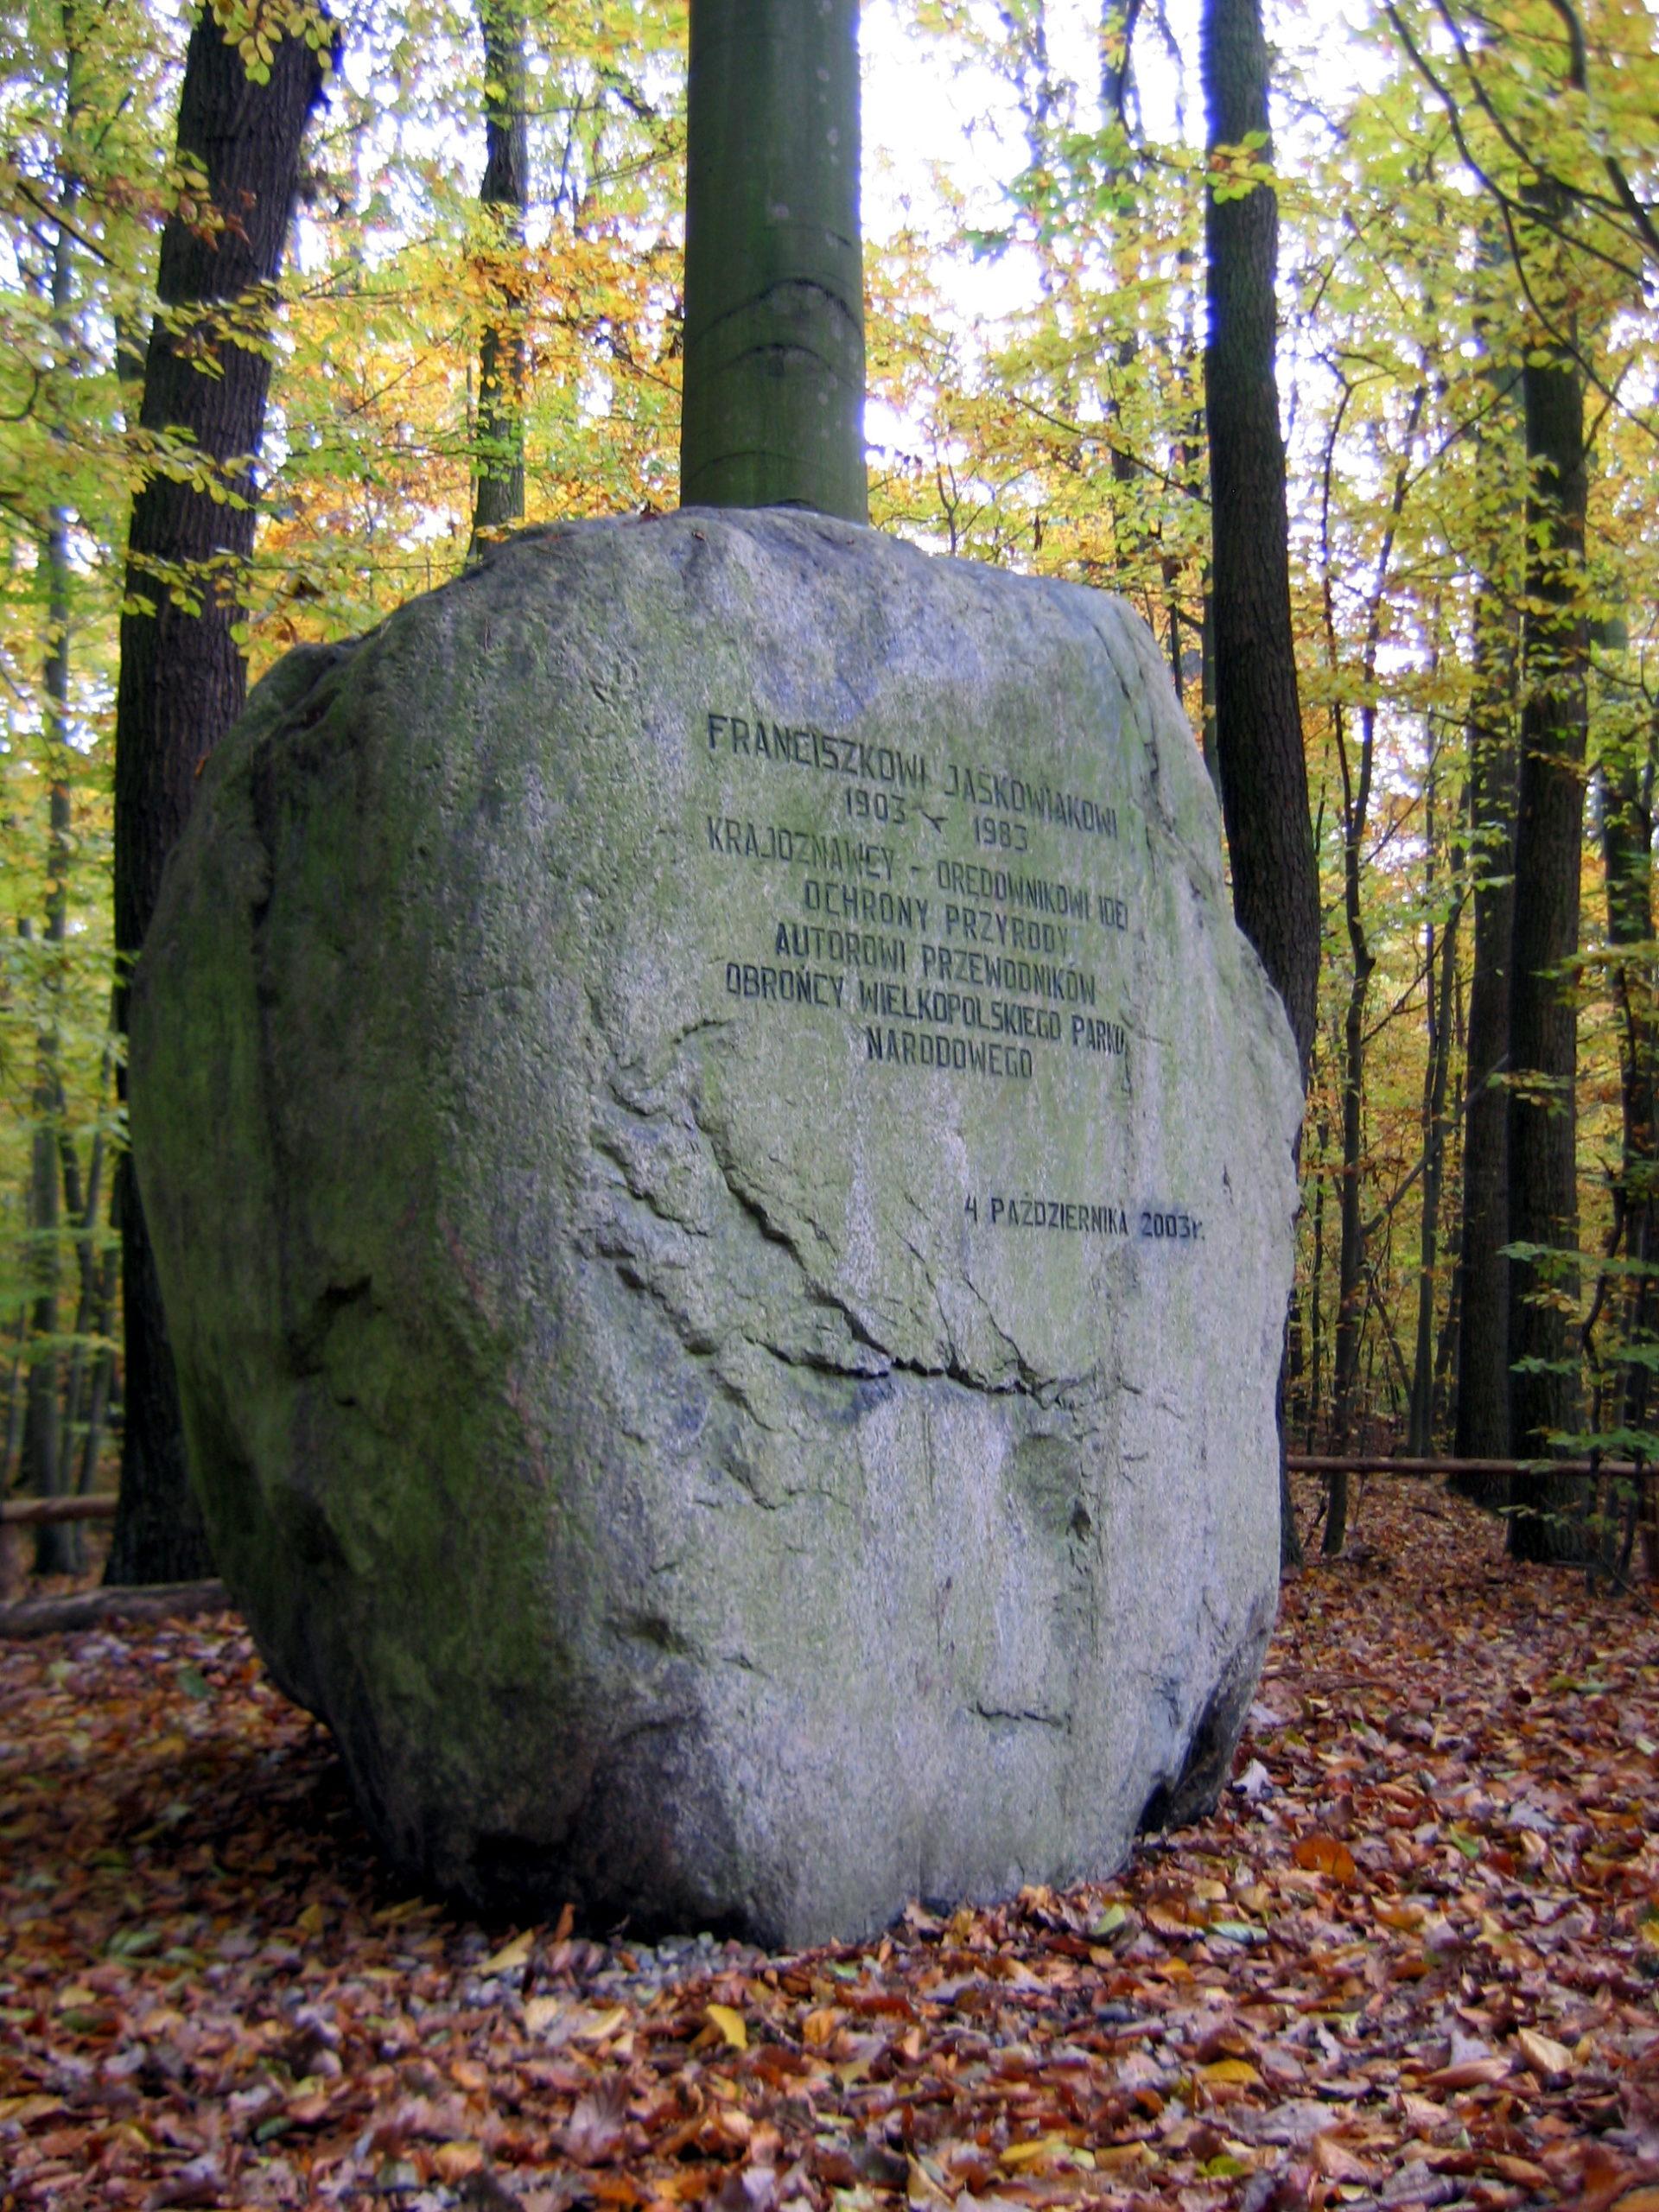 Głaz narzutowy w Wielkopolskim Parku Narodowym.